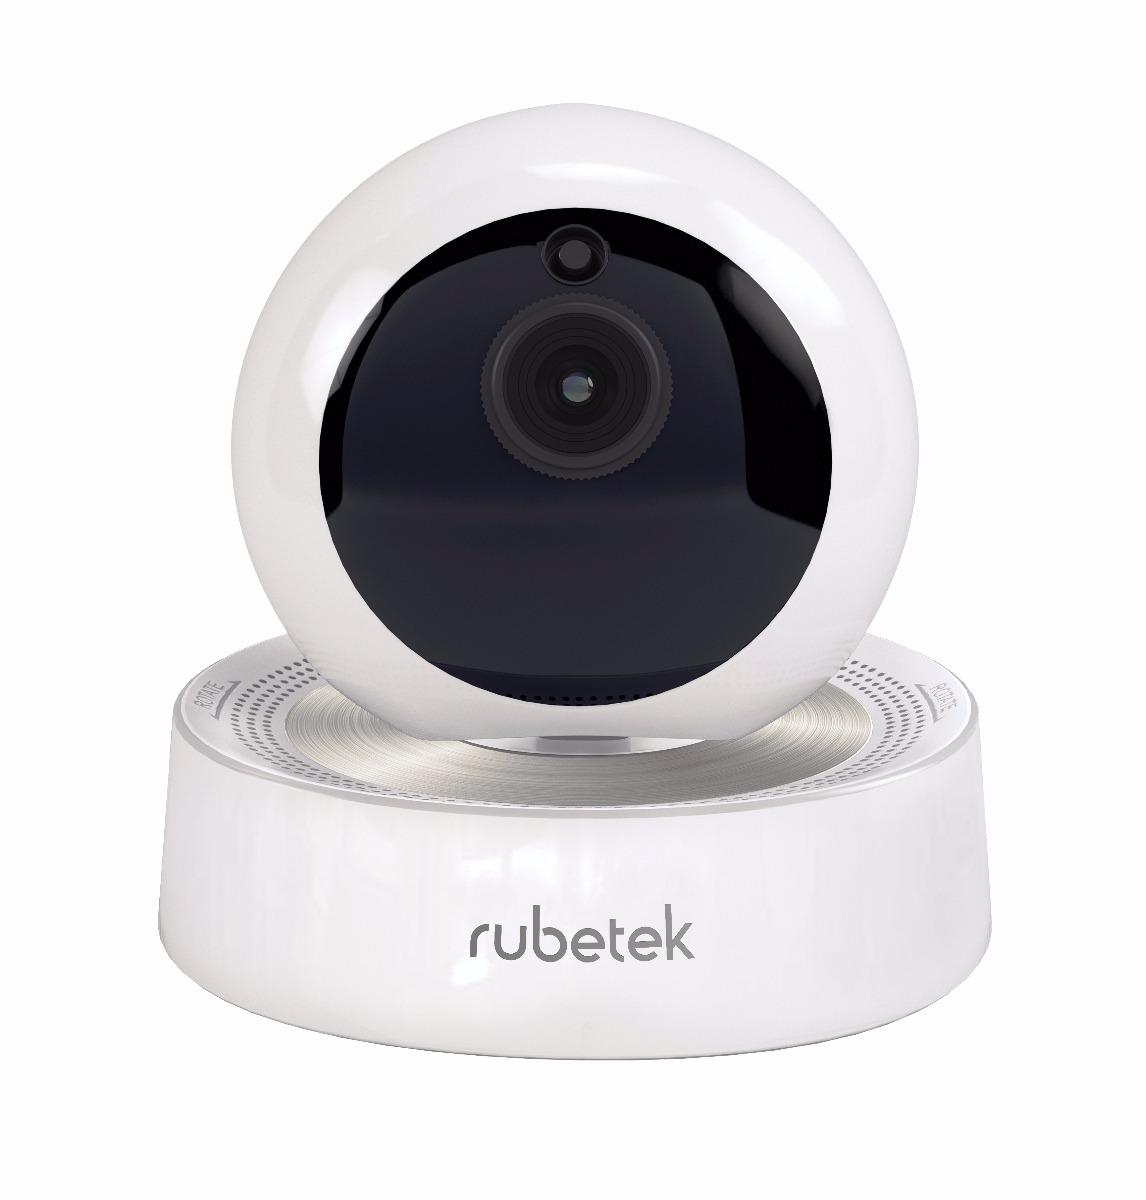 Поворотная Wi-Fi камера rubetek RV-3407